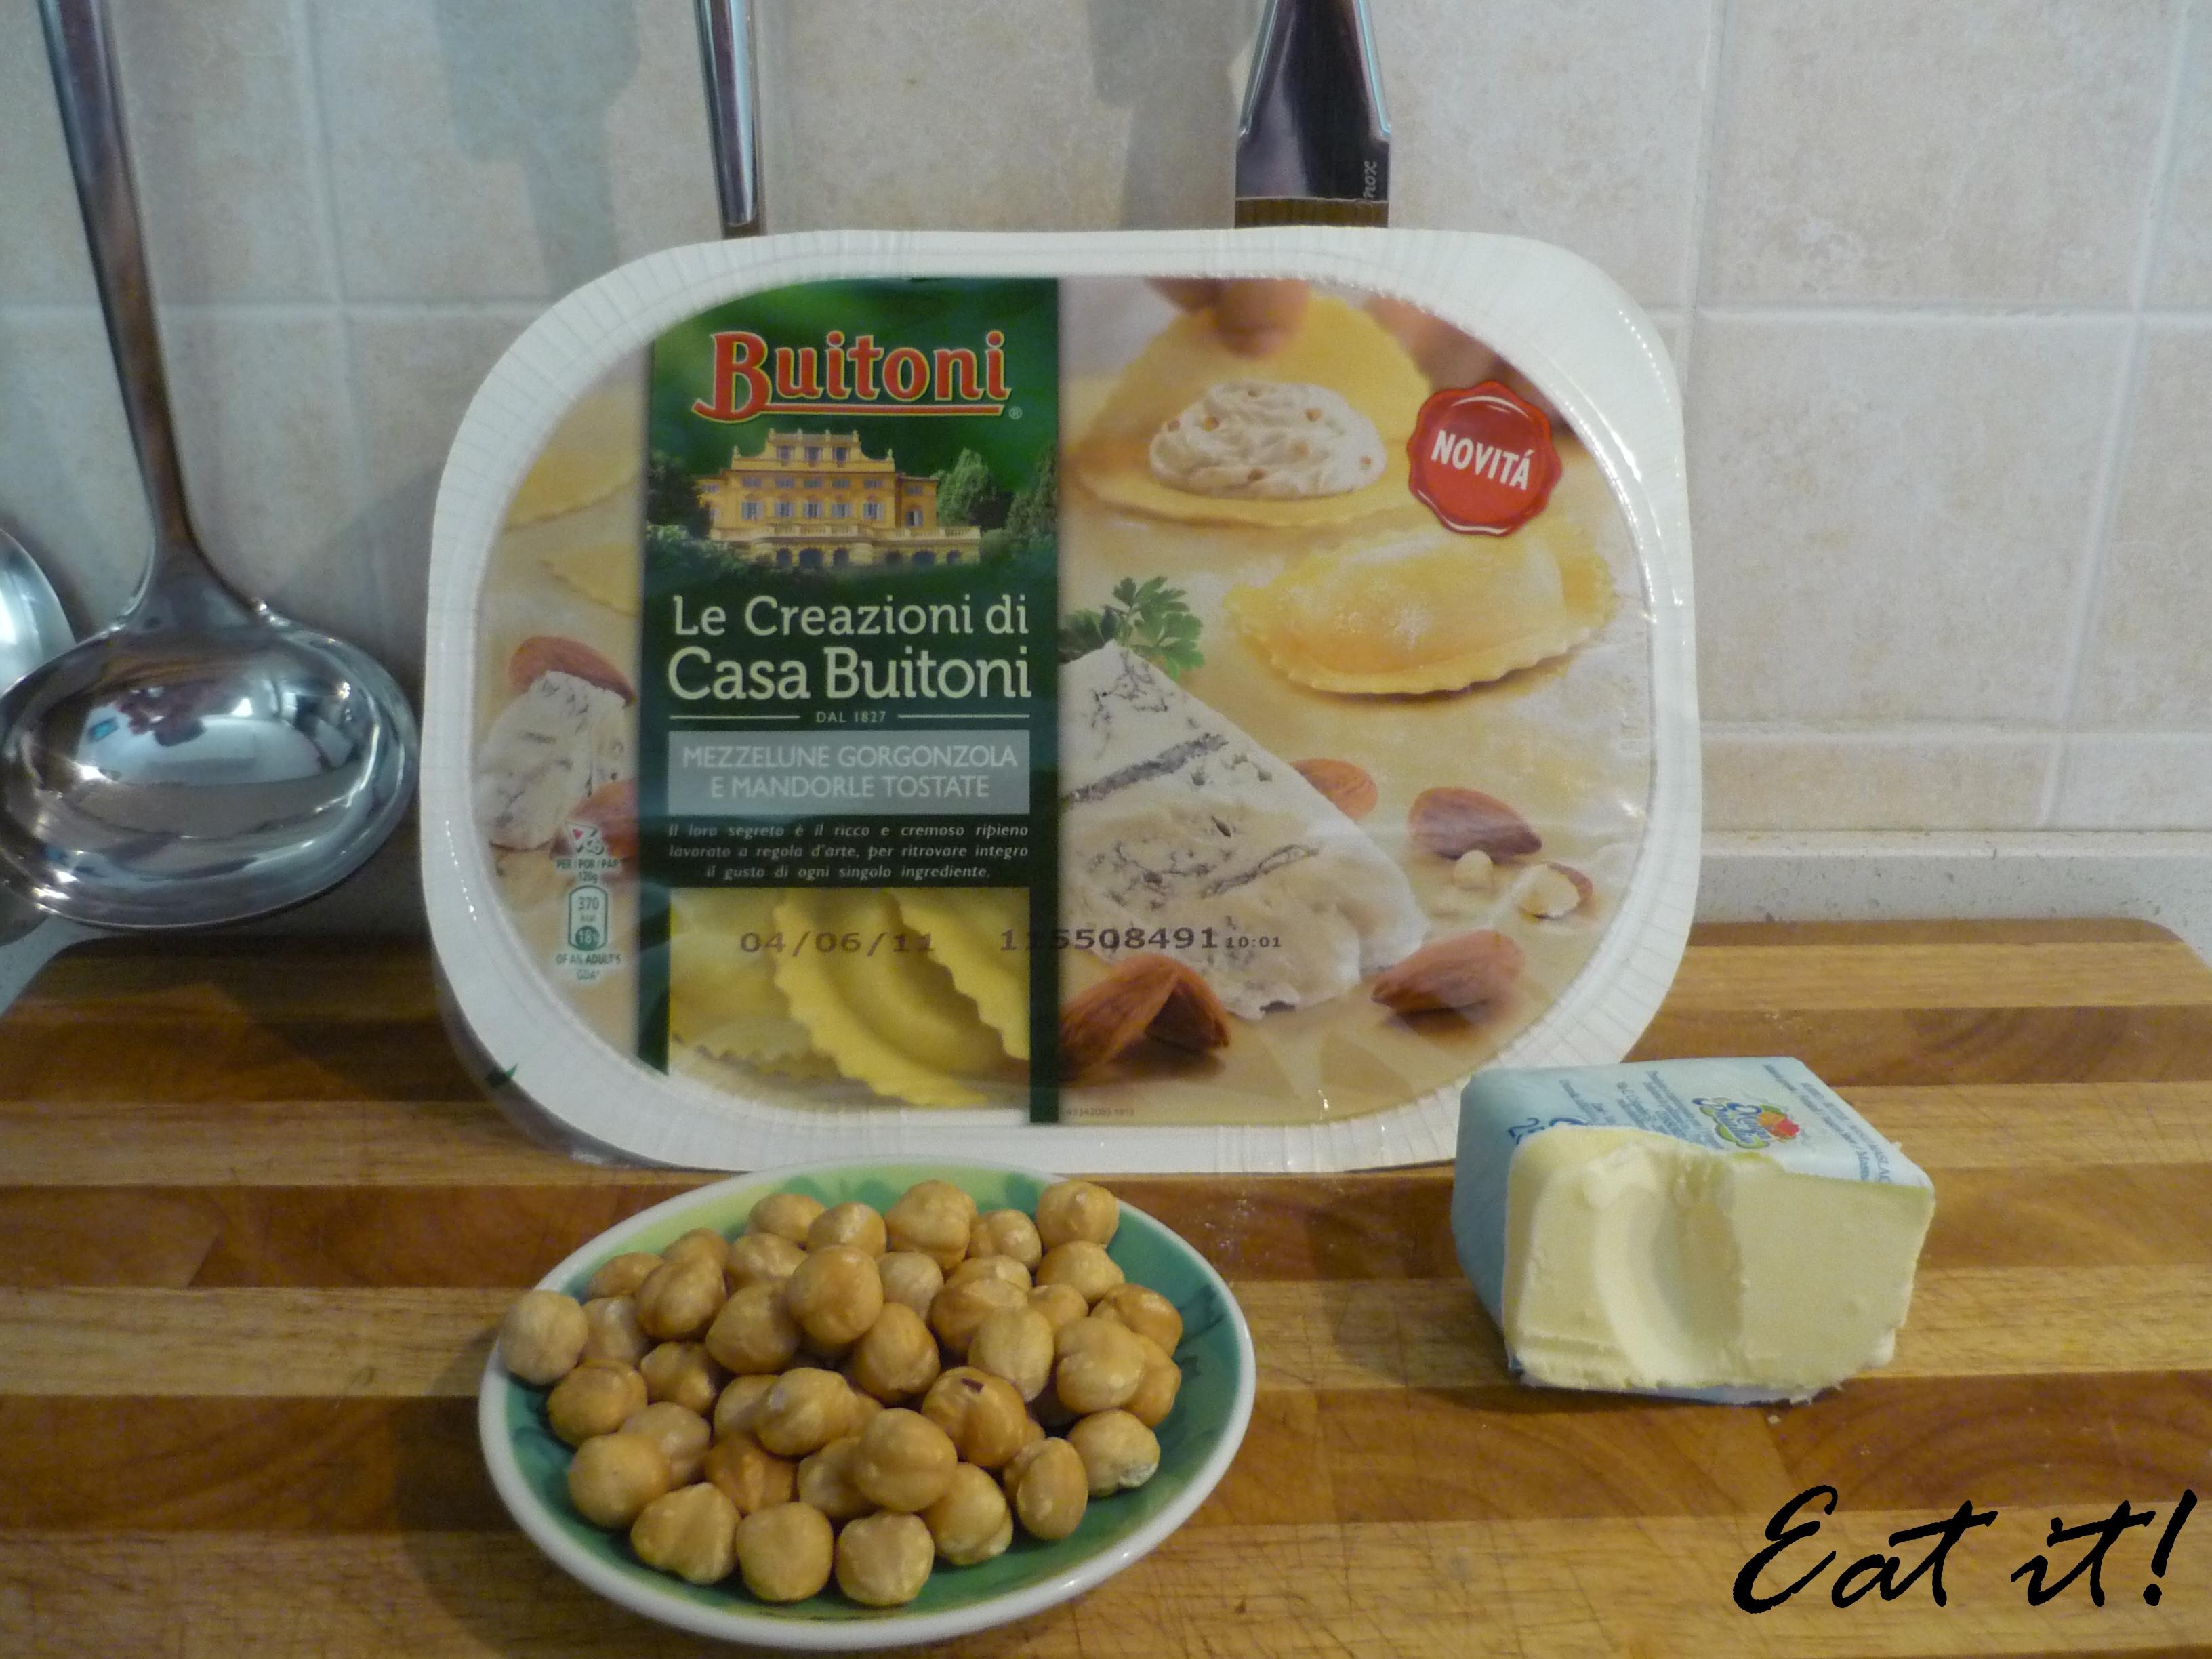 Mezzelune gorgonzola e mandorle tostate - Ingredienti